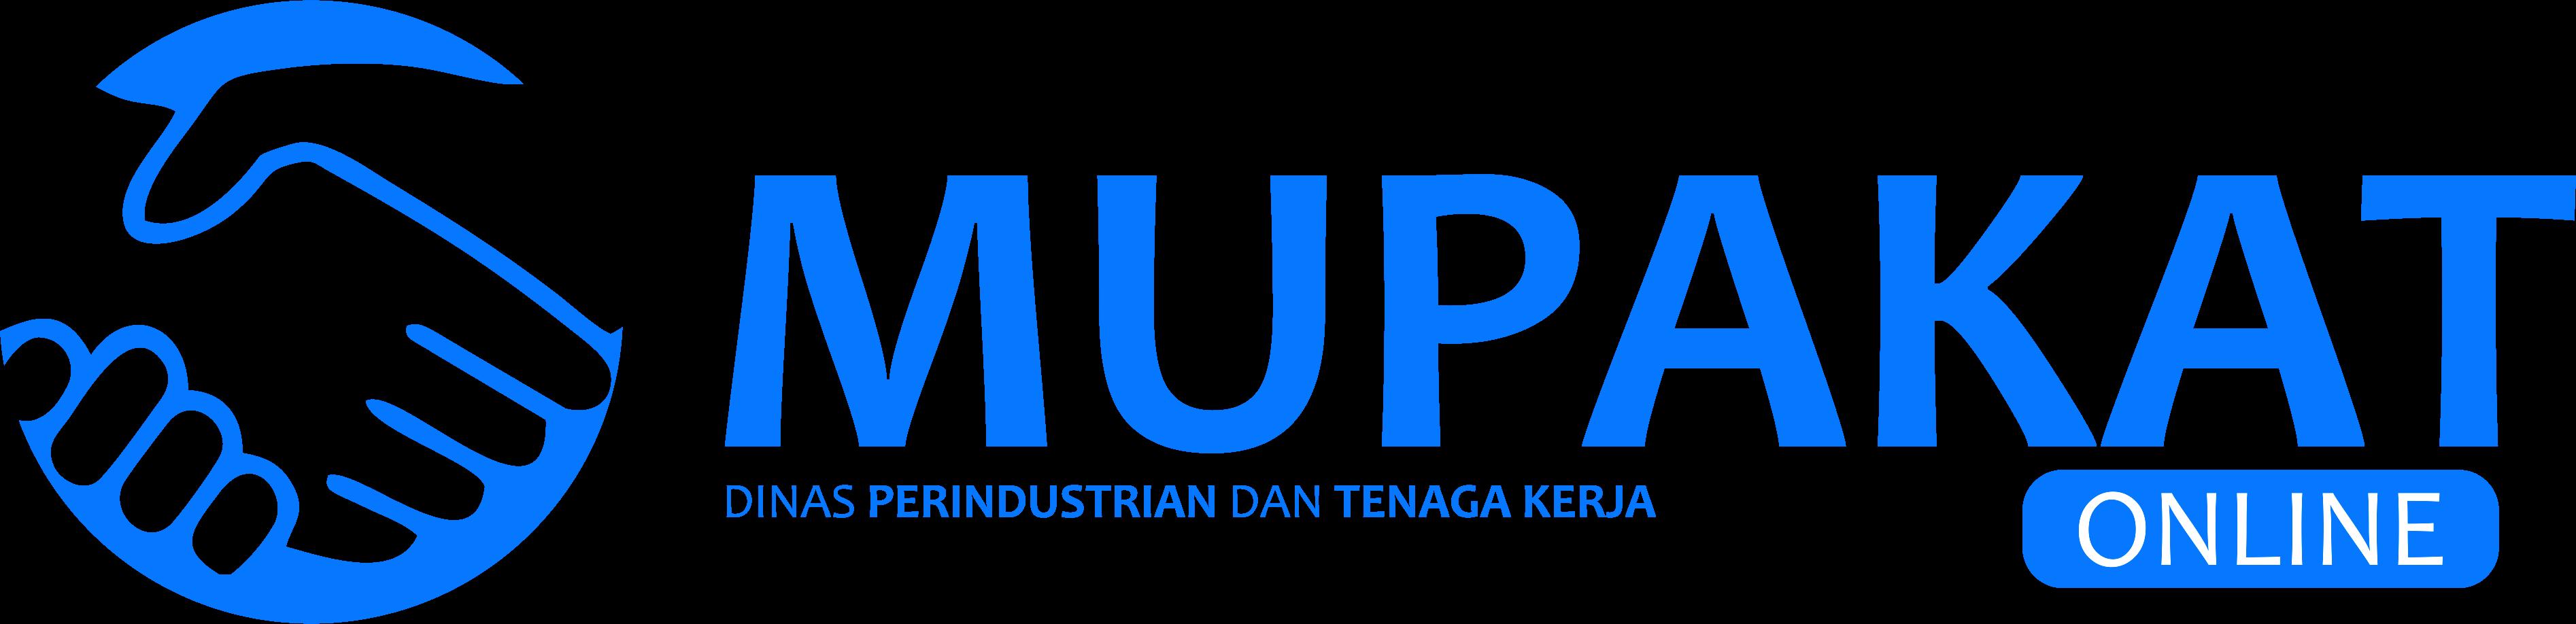 Mupakat Logo